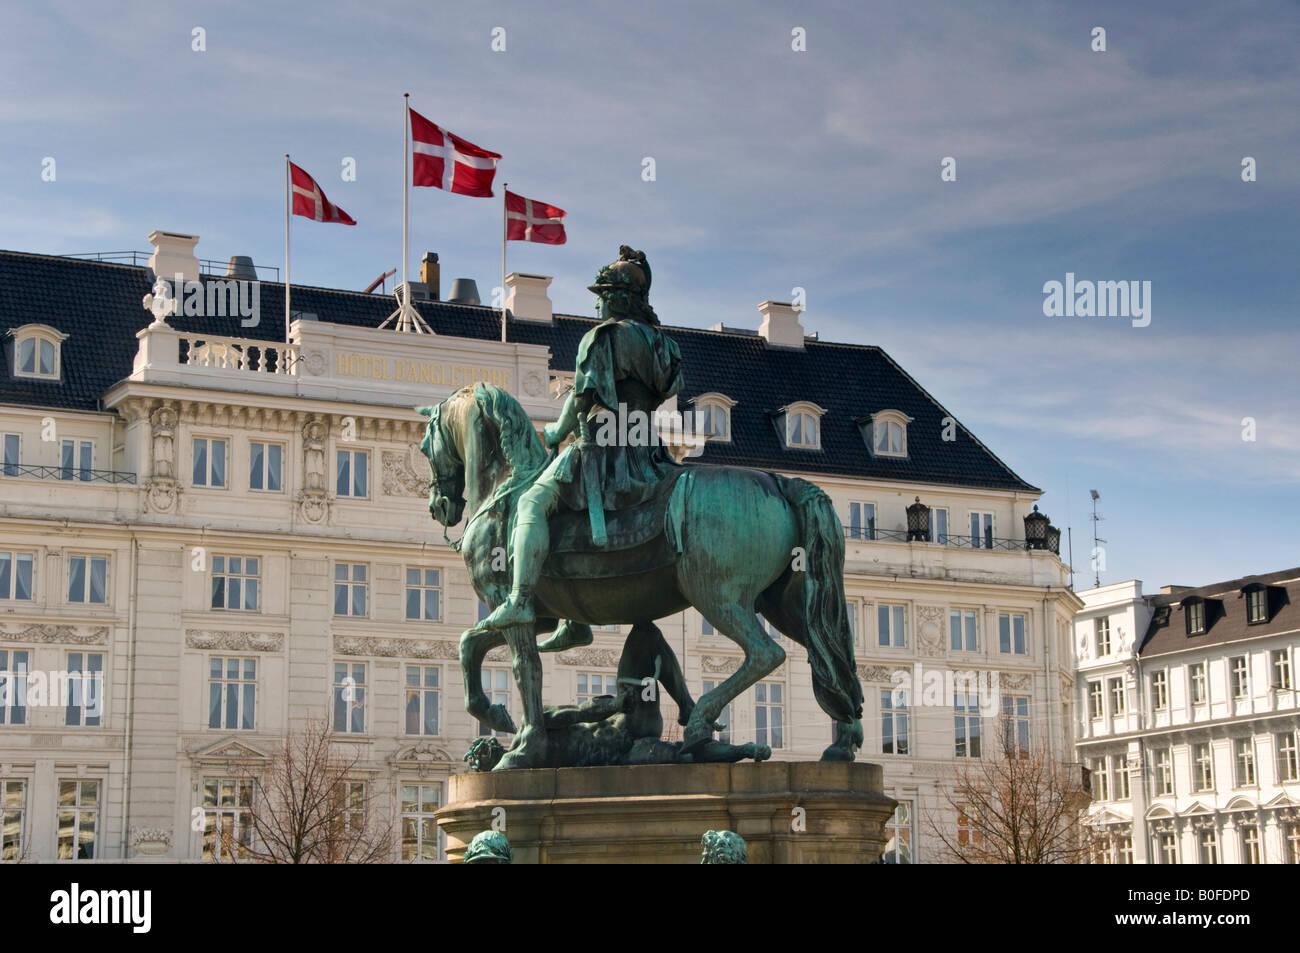 Christian V Statue & Hotel d' Angleterre, Kongens Nytorv, Copenhagen, Denmark, Europe - Stock Image